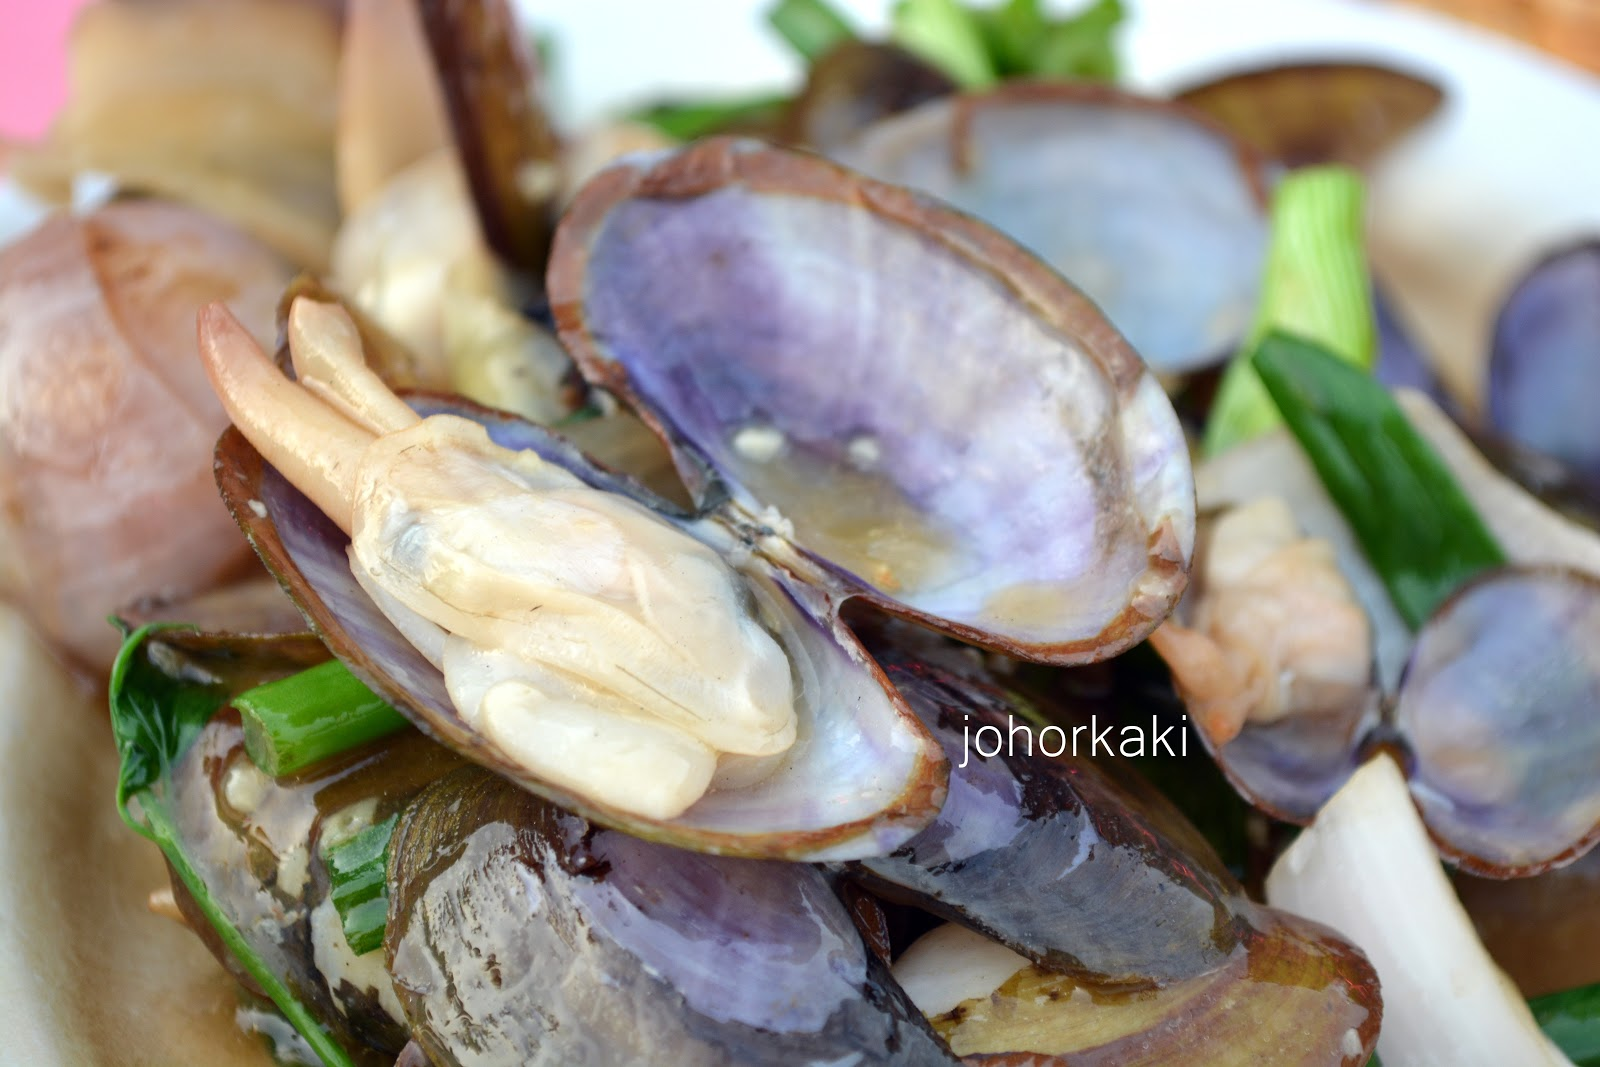 Johor Seafood at Restoran Todak in Telok Jawa Masai  : DSC0159jk from johorkaki.blogspot.sg size 1600 x 1067 jpeg 189kB